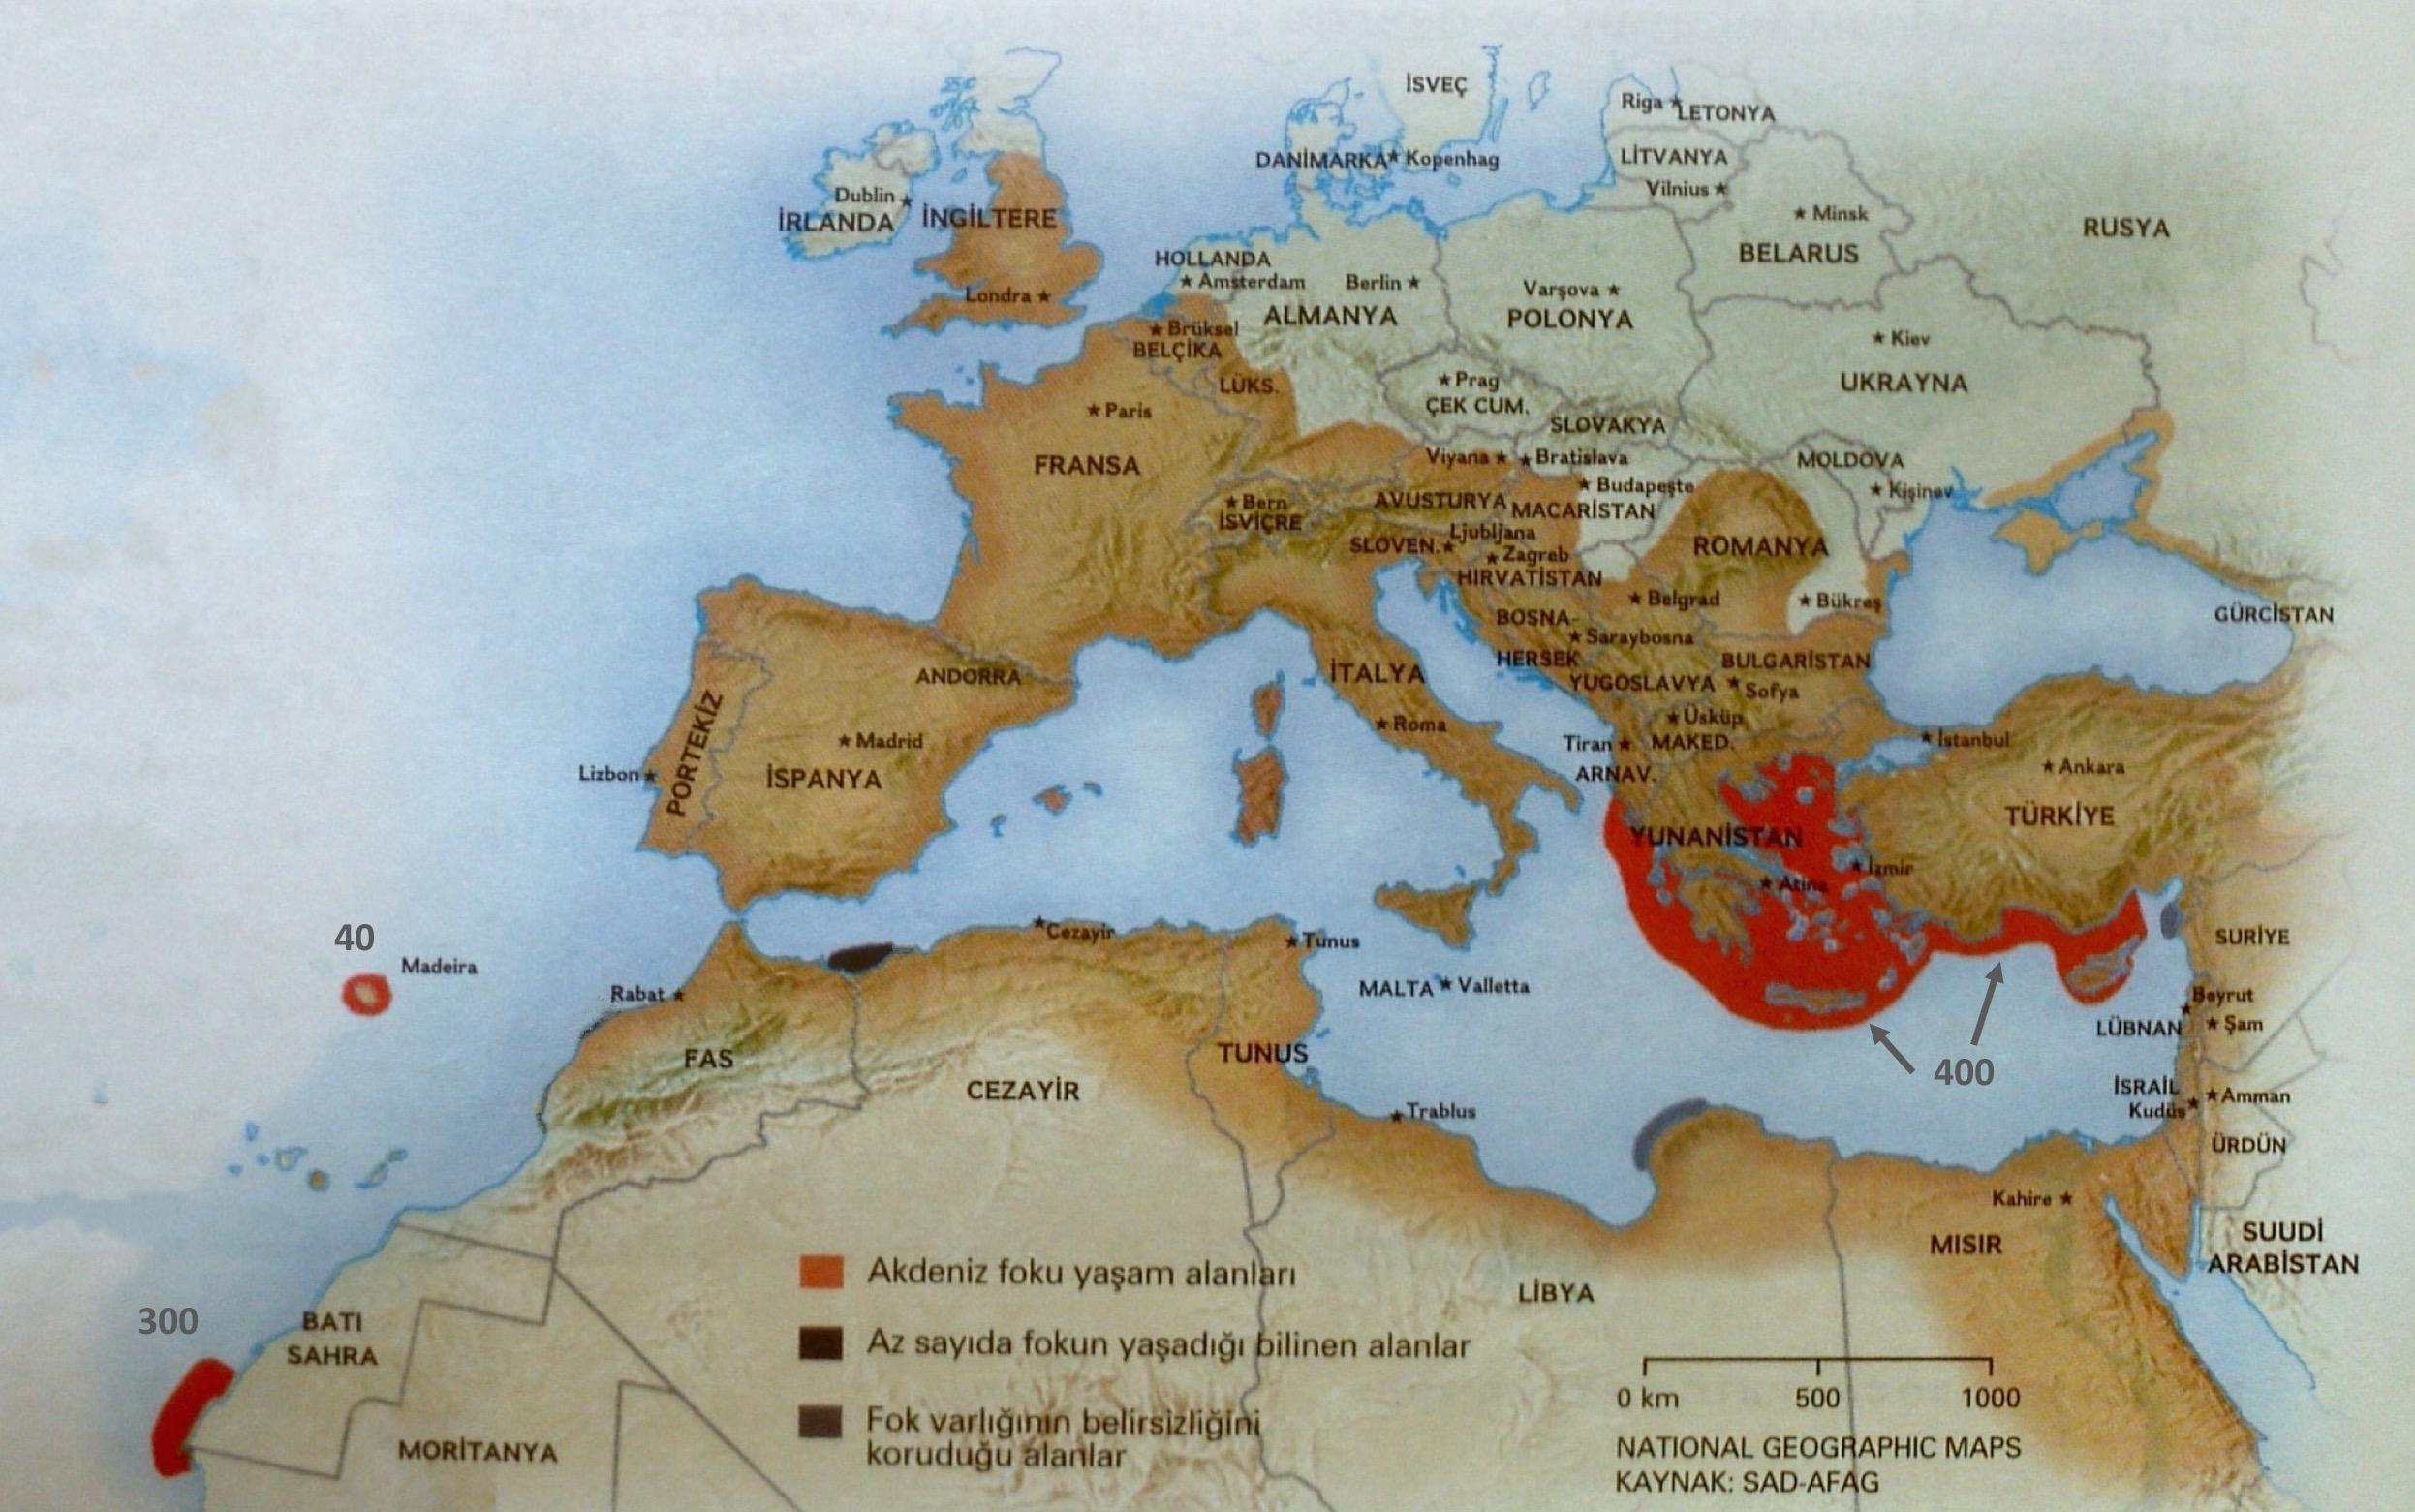 Akdeniz Foku Sad Afag